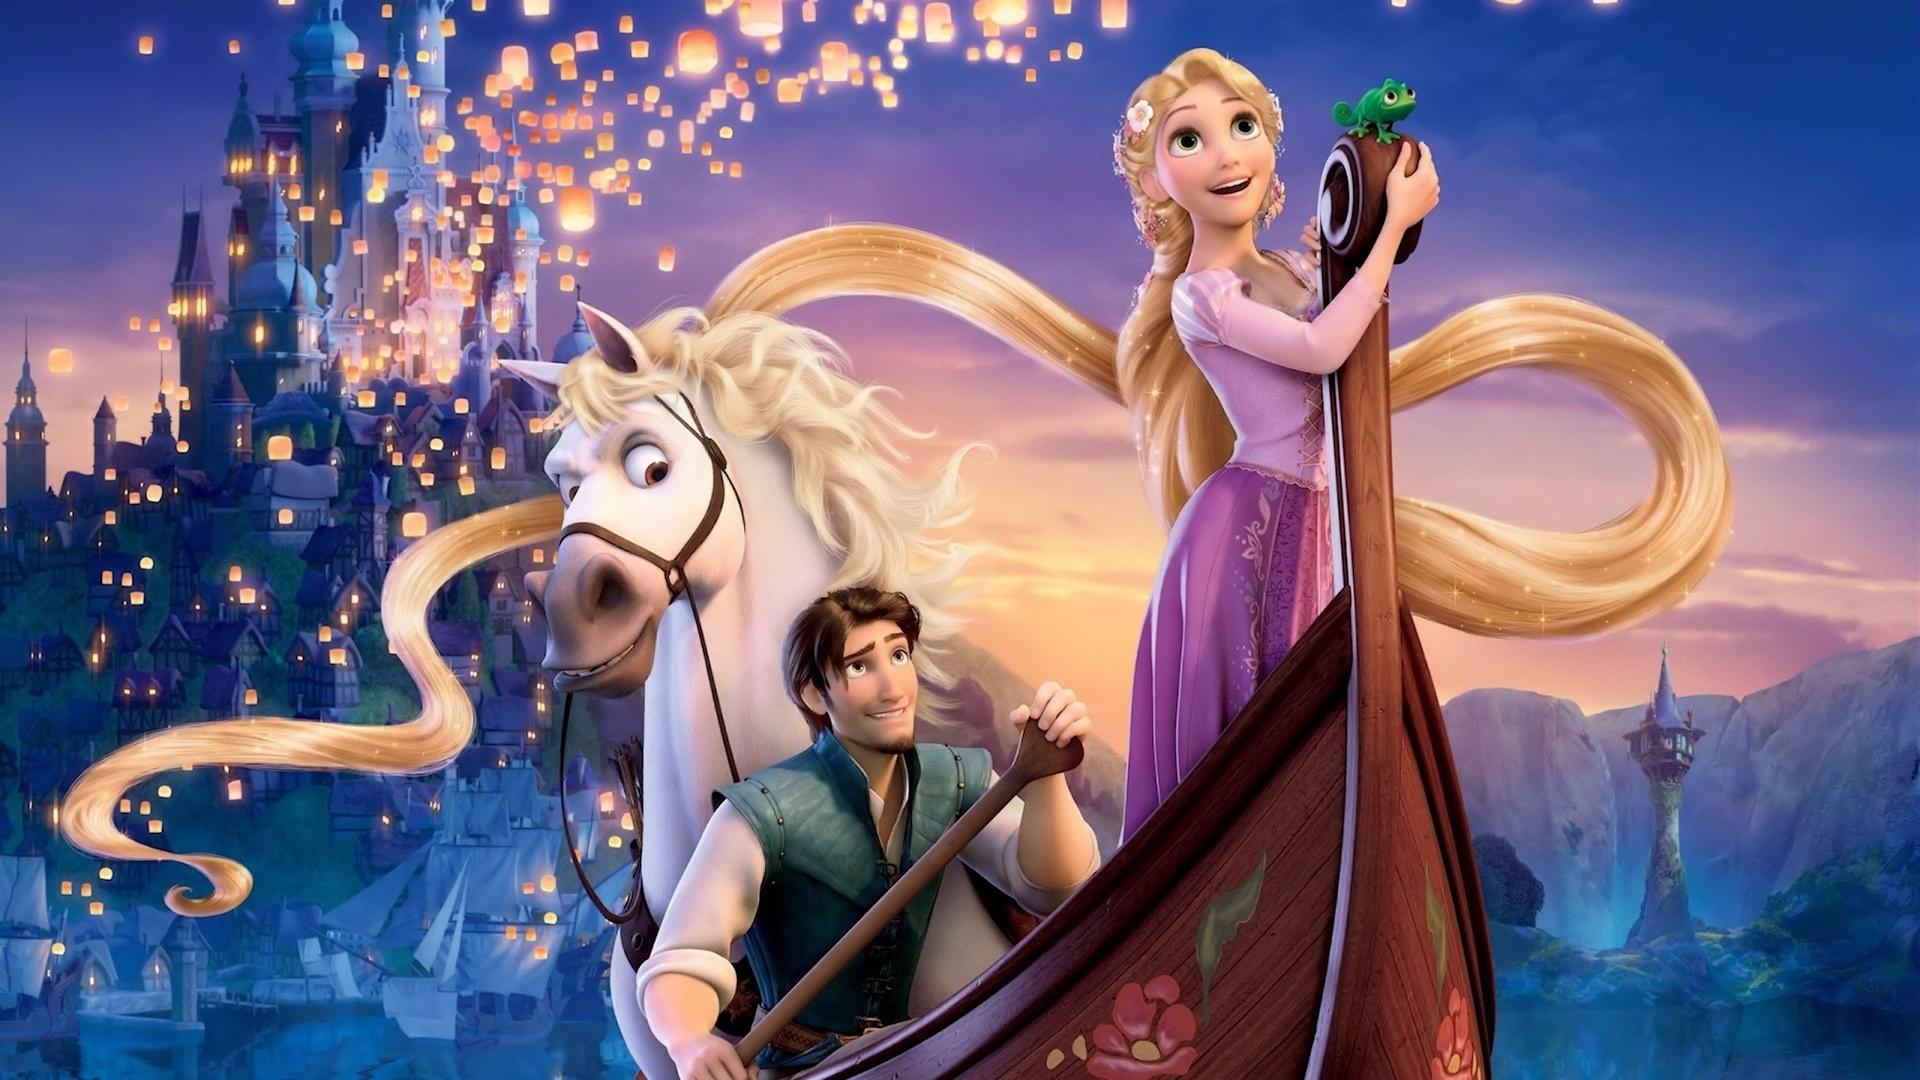 1920x1200 Disney Princess Belle Hd Wallpaper Free Download